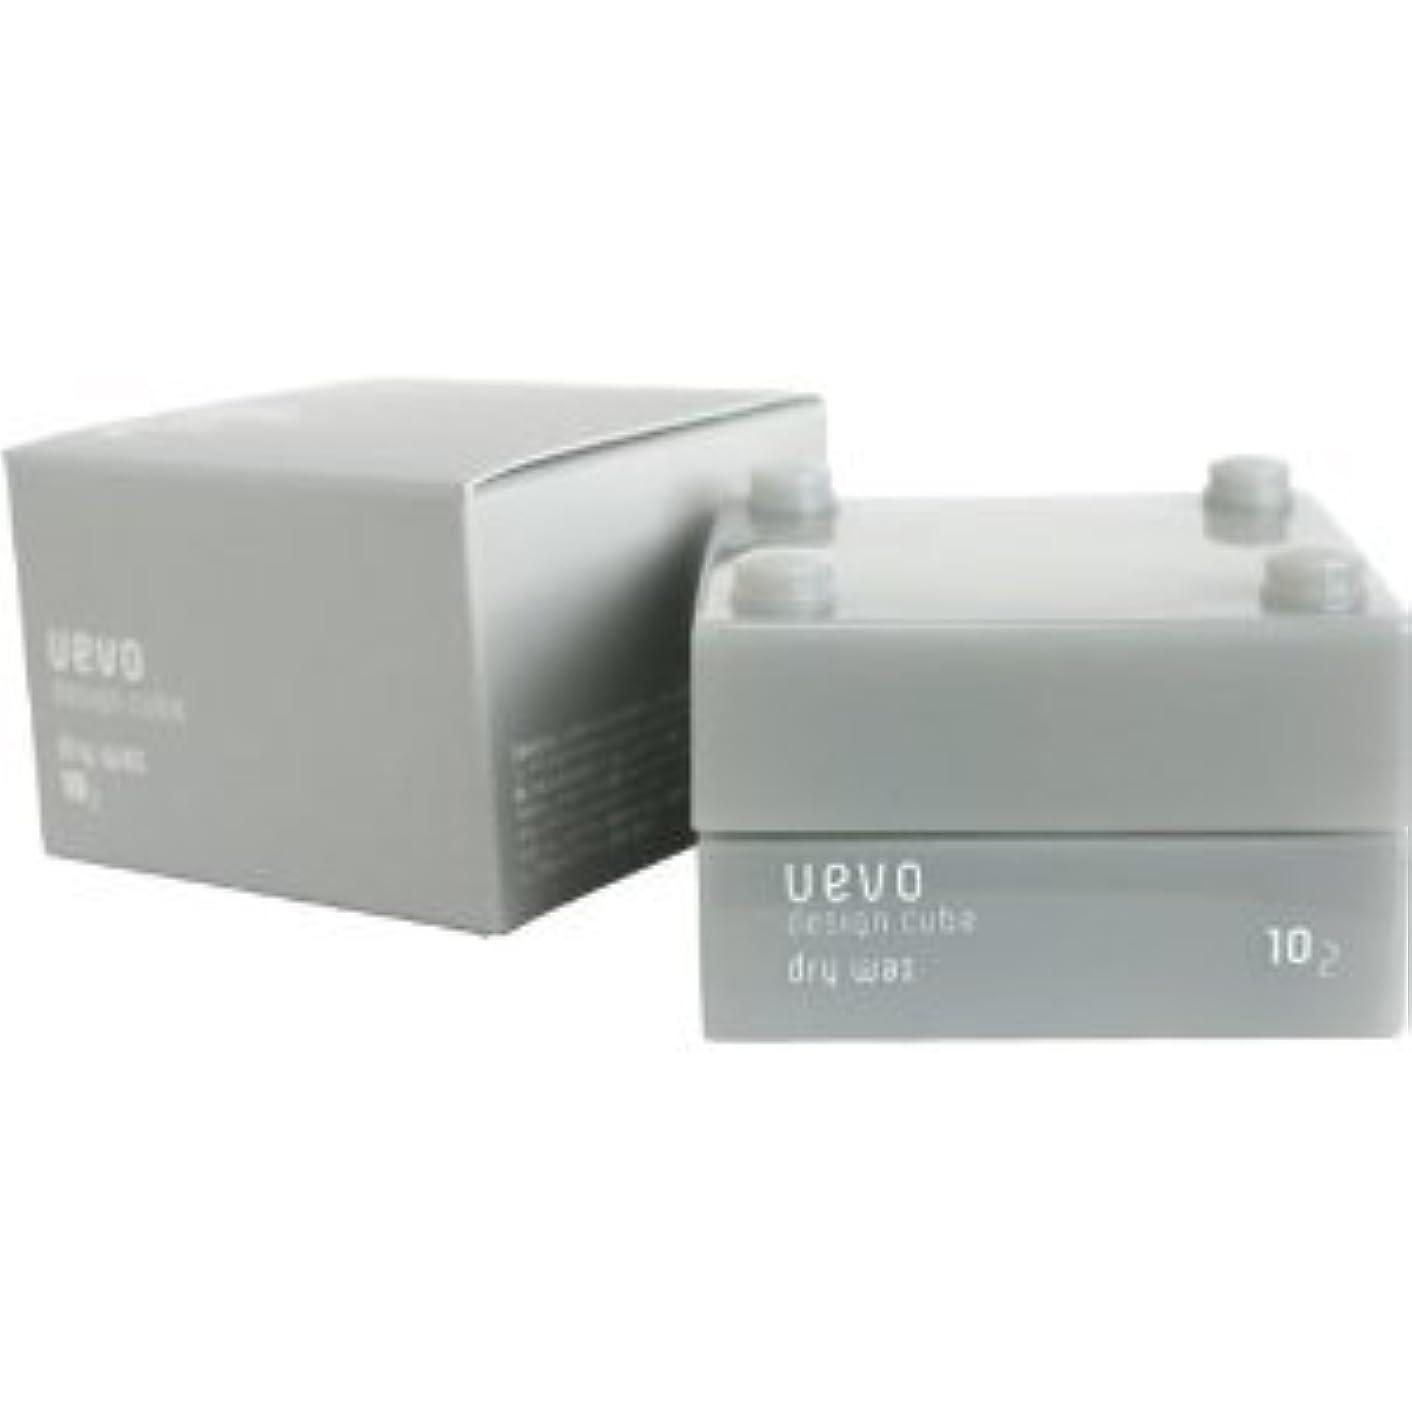 一貫したピストン適合【X2個セット】 デミ ウェーボ デザインキューブ ドライワックス 30g dry wax DEMI uevo design cube